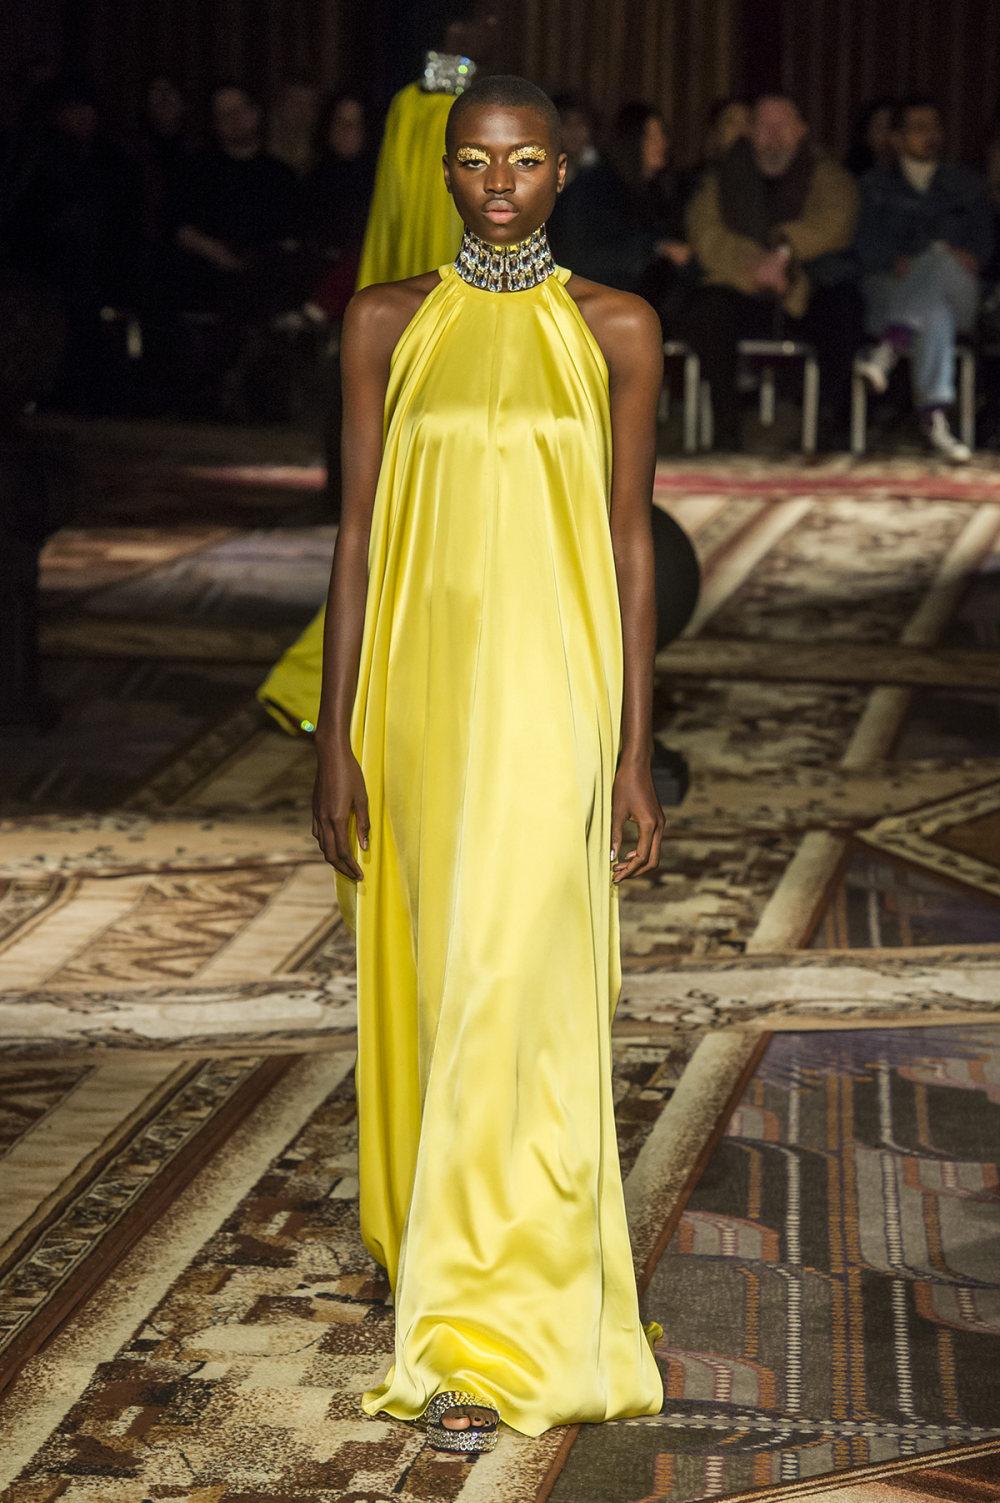 Halpern时装系列将幻想印花应用于宽大的缎面外套展示垂褶技巧-26.jpg